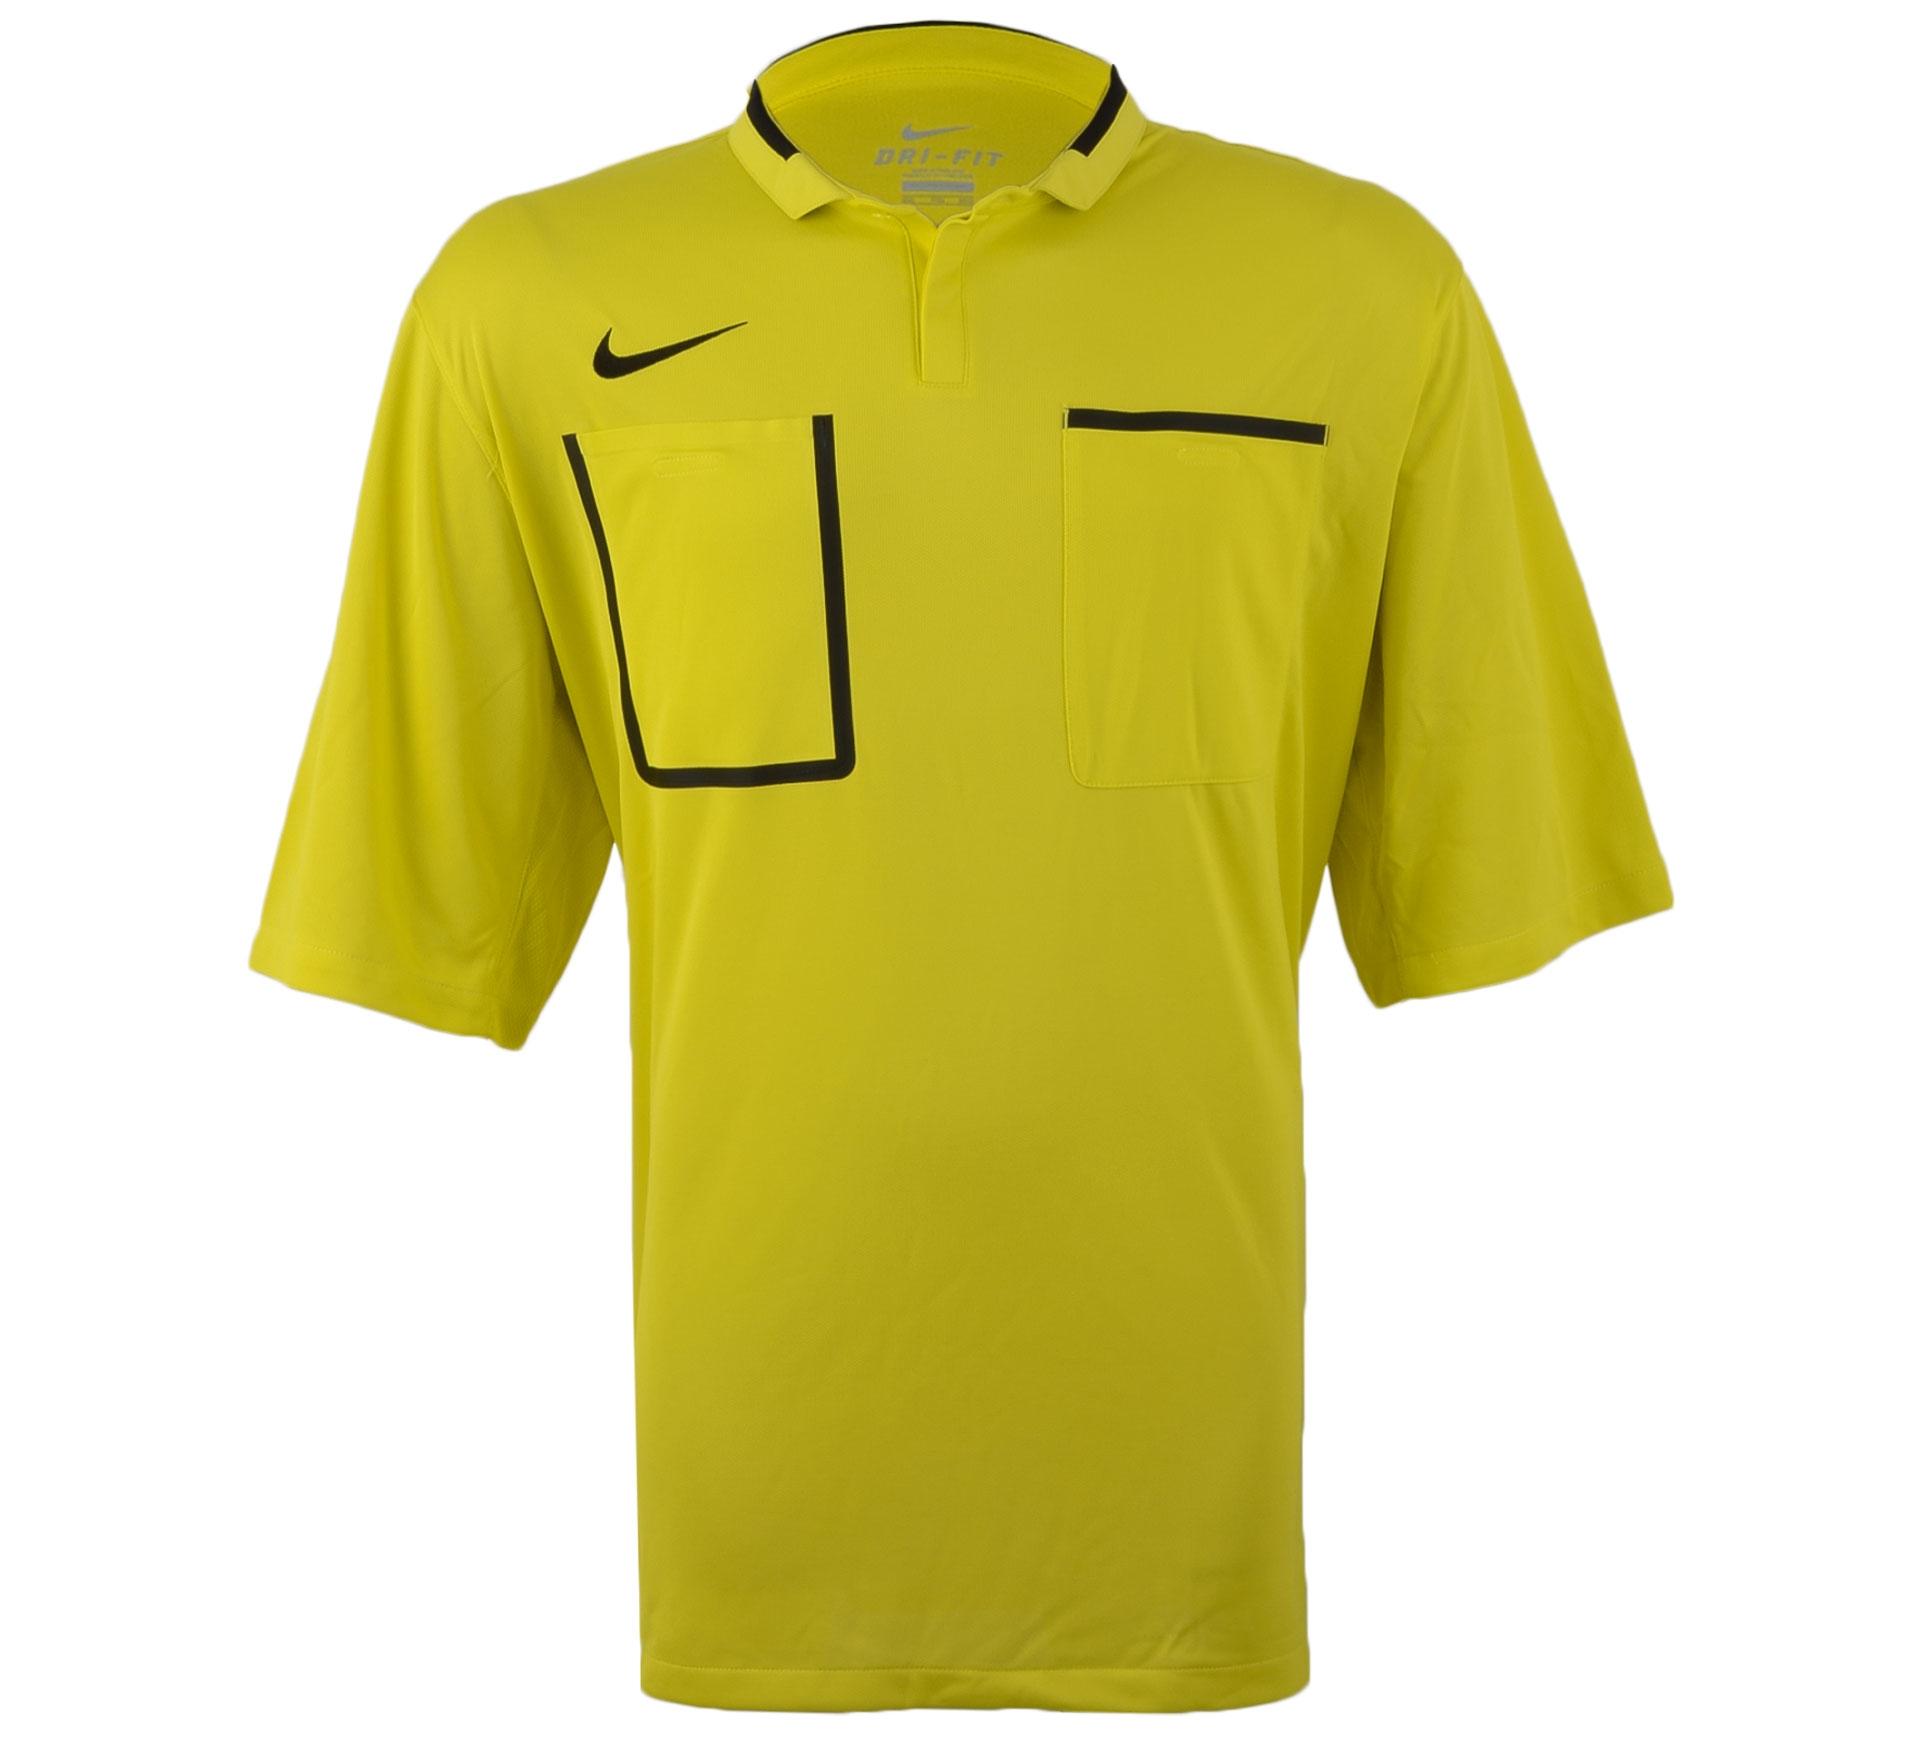 Nike Scheidsrechters Shirt Heren laagste prijs? Vergelijk